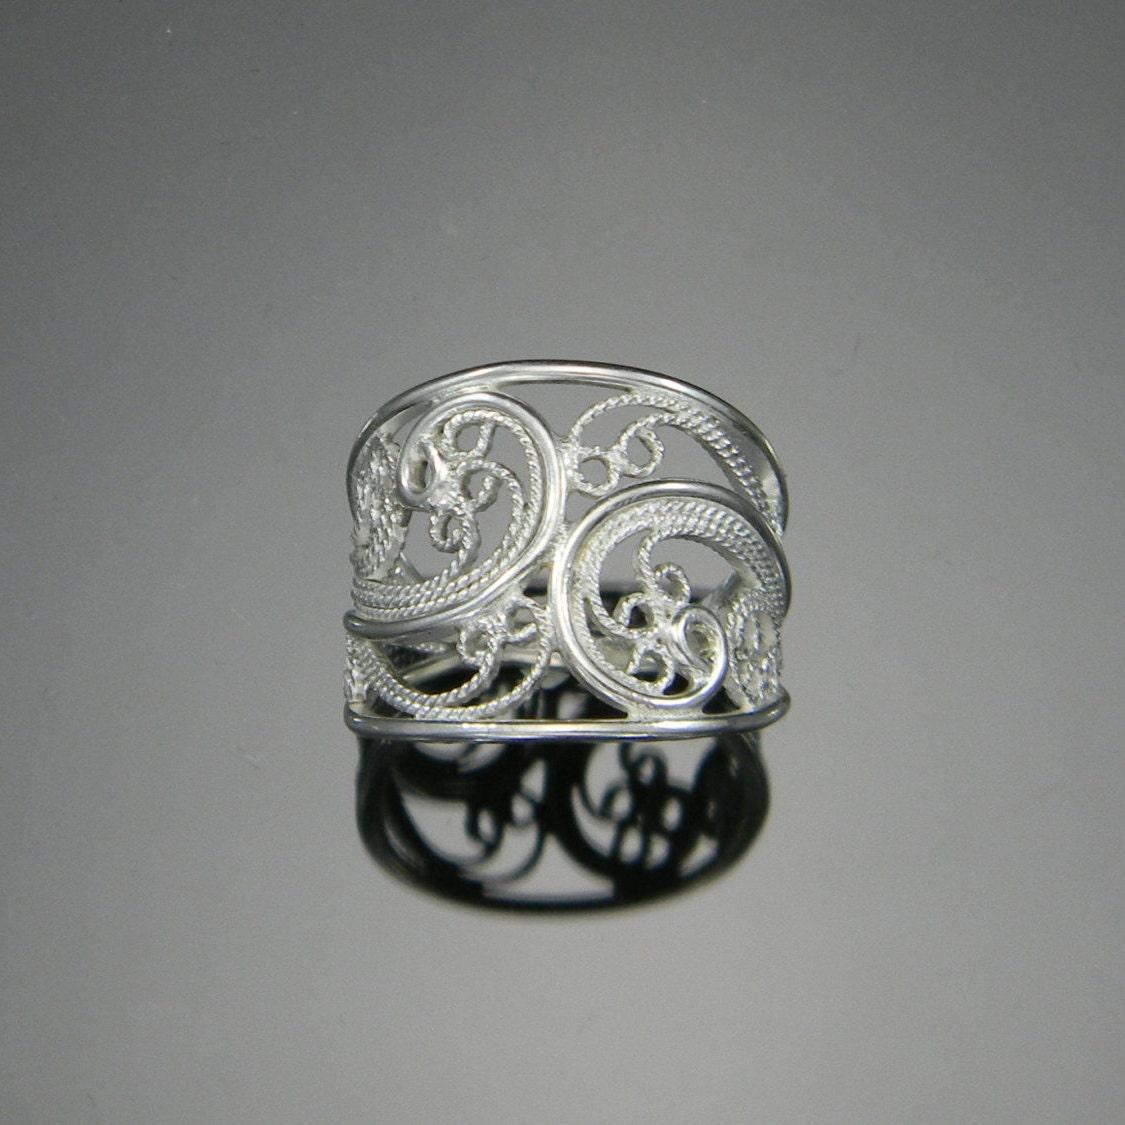 Filigree Ring Bands: Russian Filigree Ring Handmade Filigree Cigar Band Ring